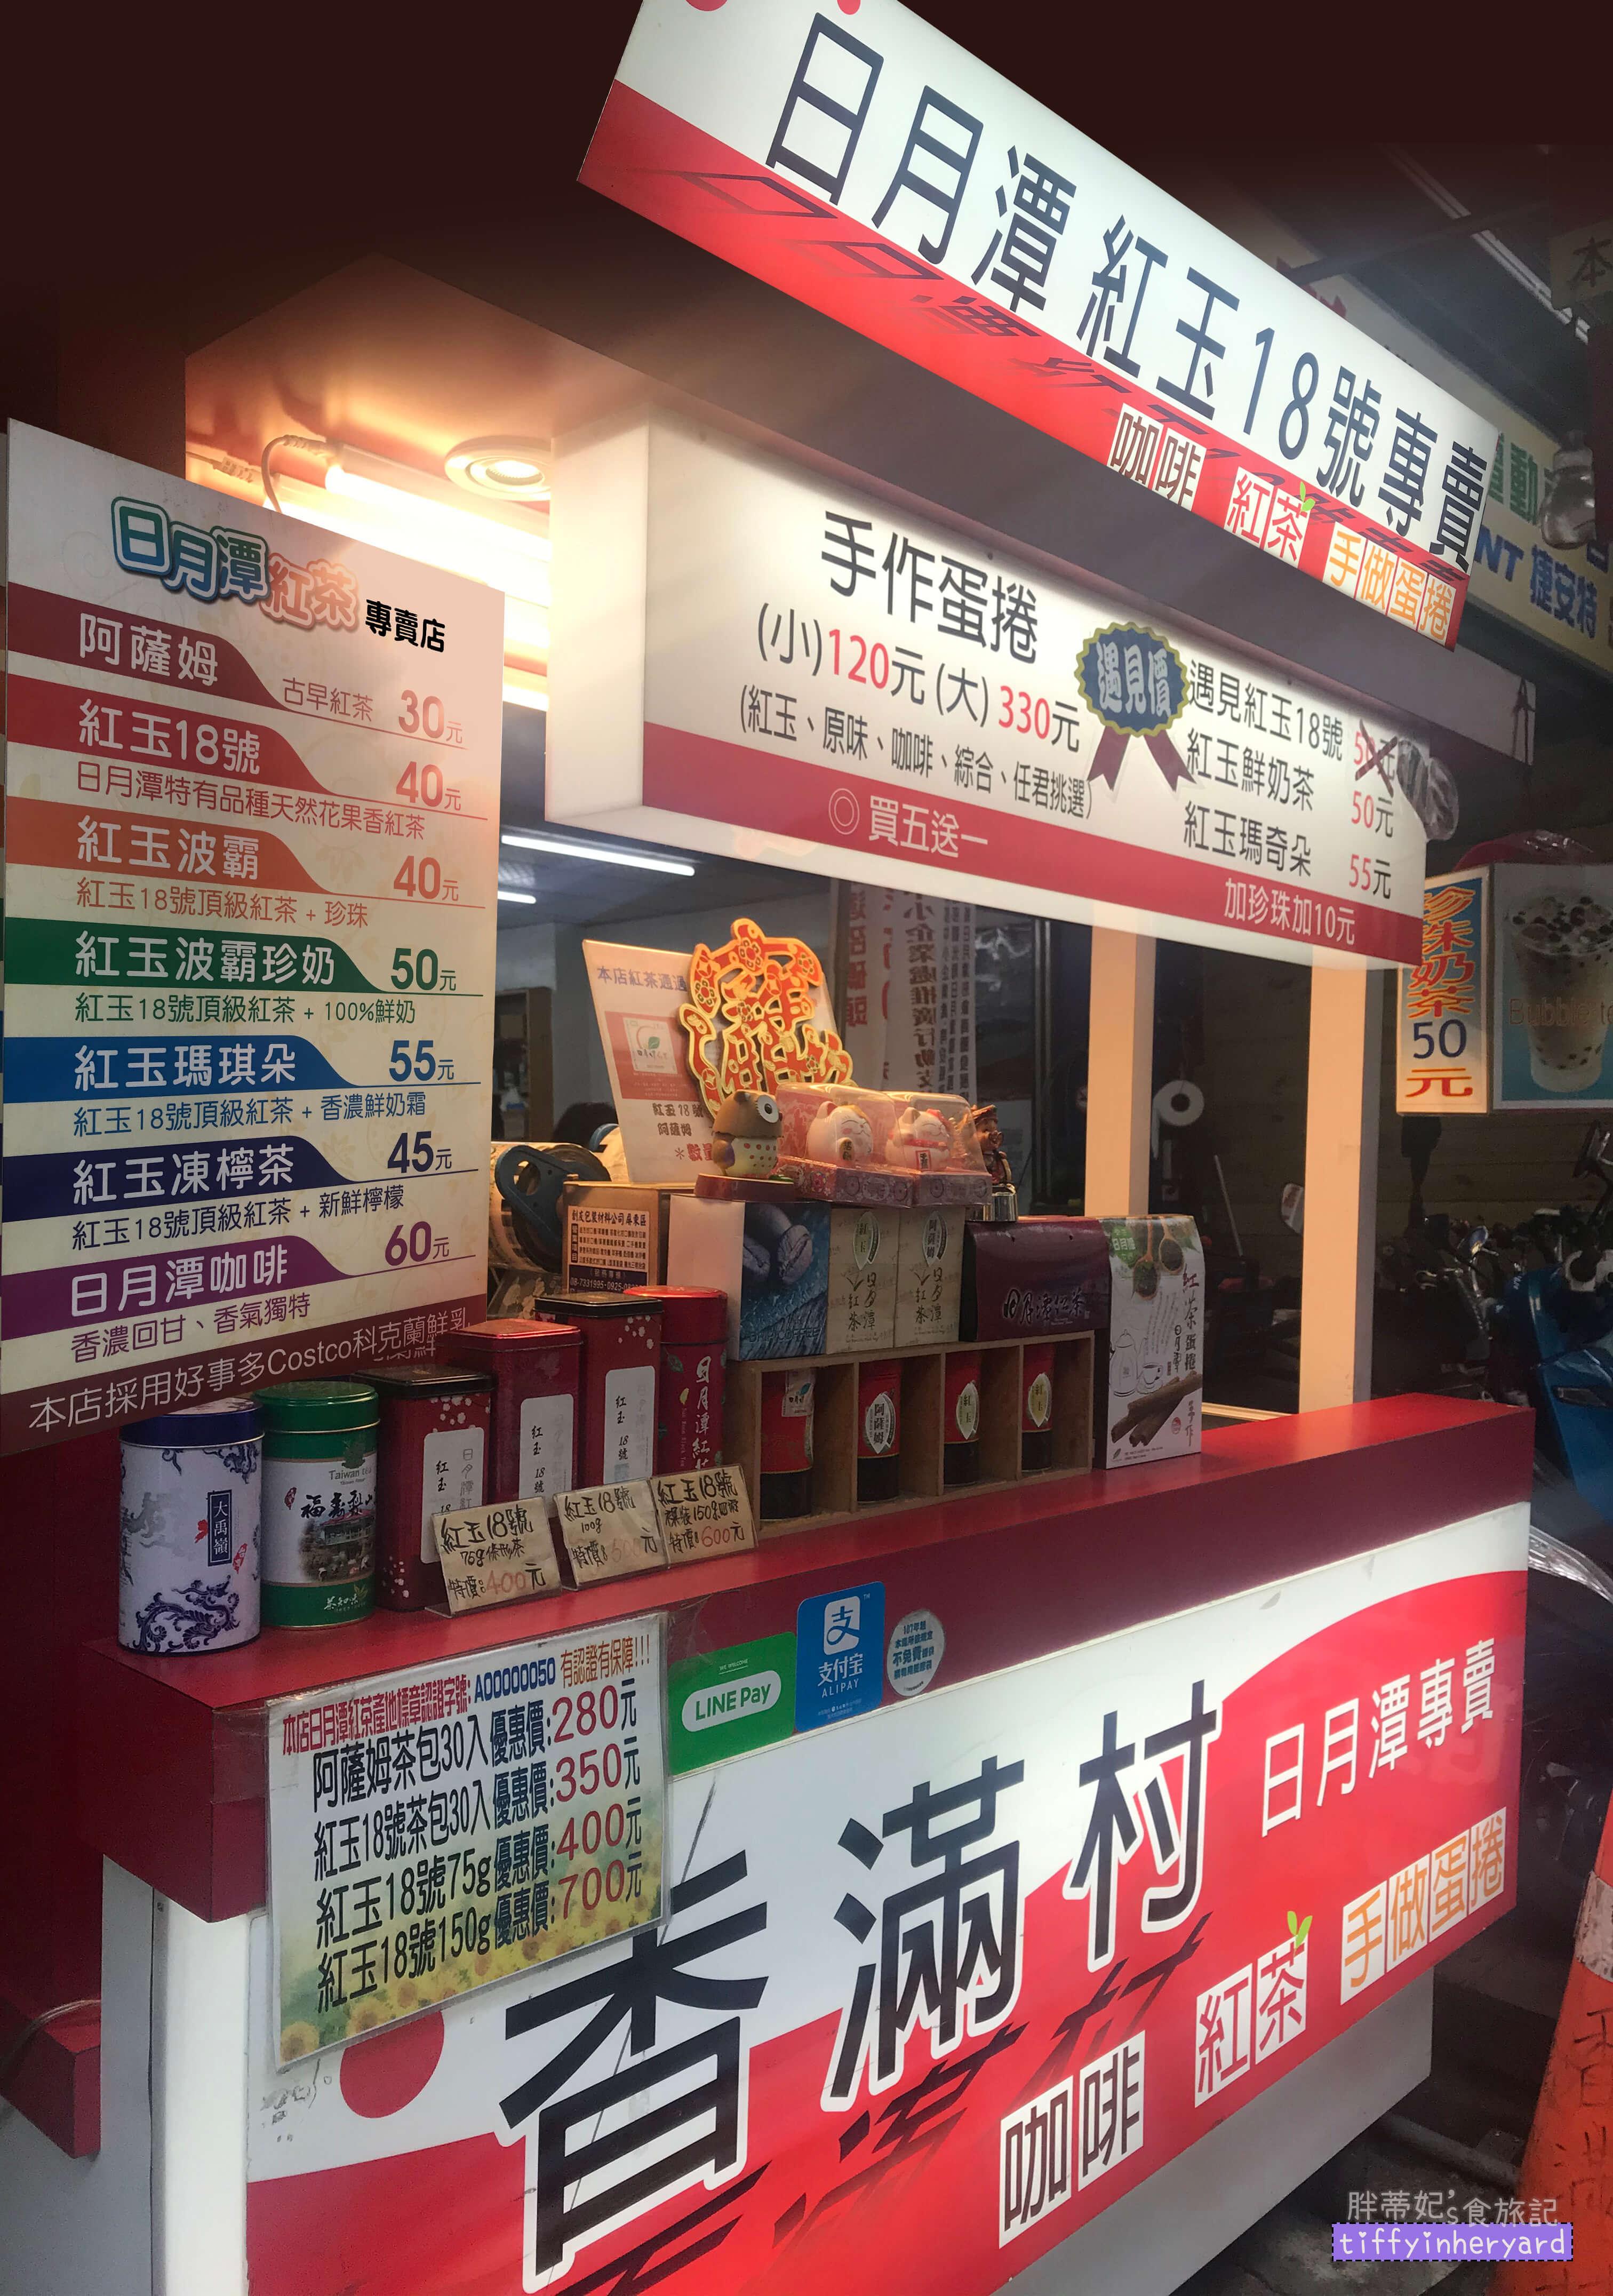 香滿村茶行 行動車攤